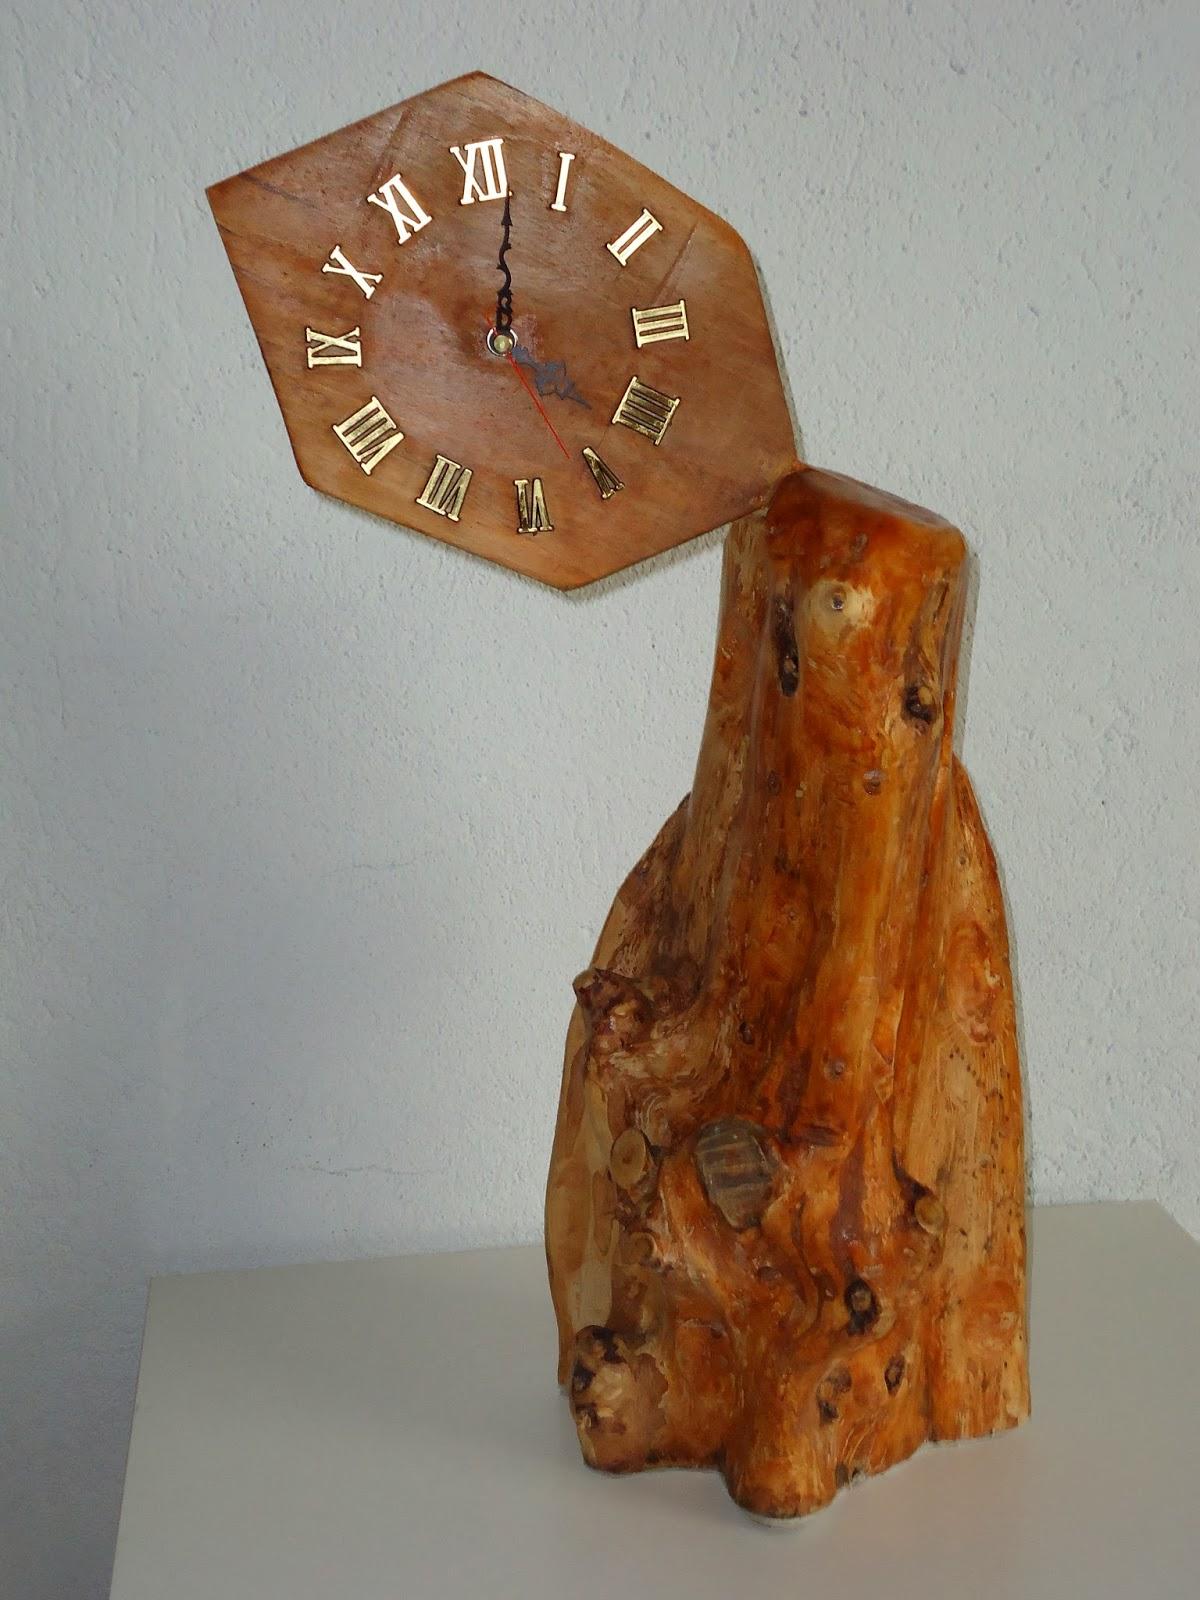 Restaurange reloj r stico y artesanal - Reloj pegado pared ...